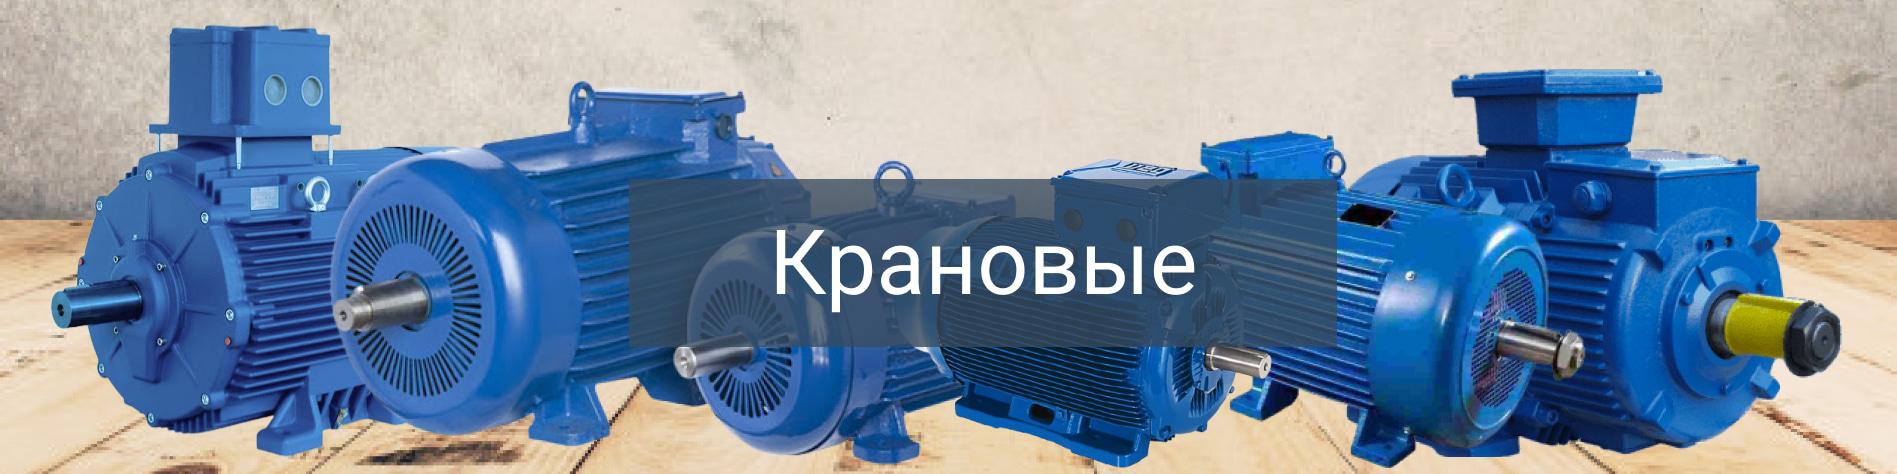 Крановые электродвигатели 5,5 кВт